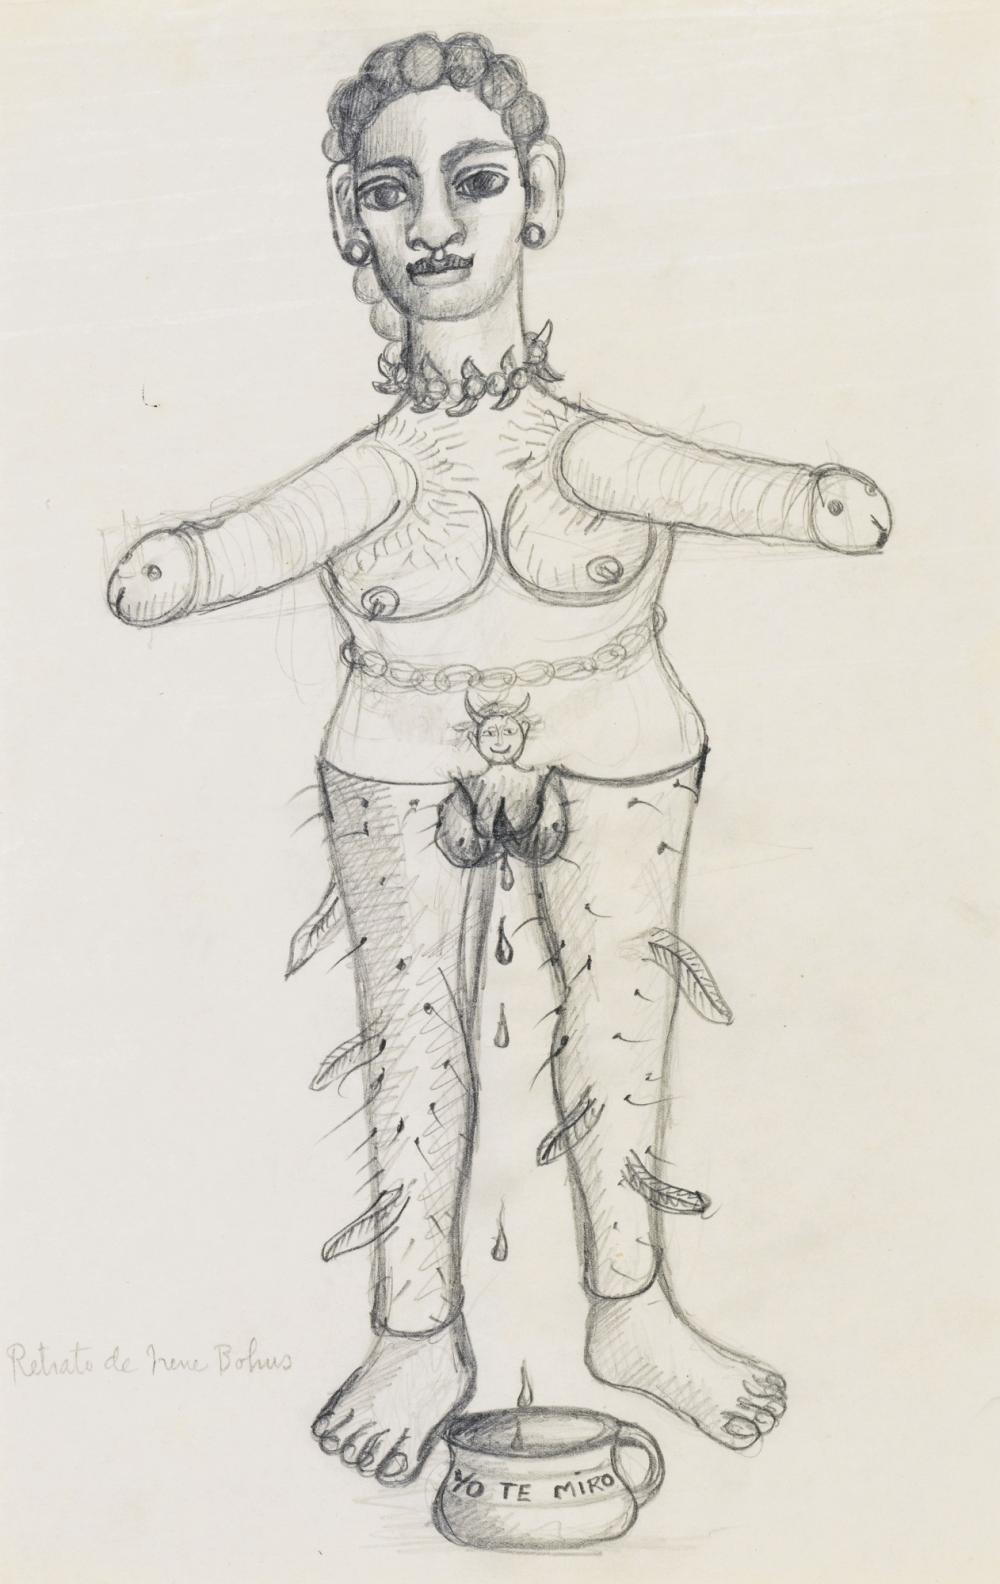 FRIDA KAHLO   Retrato de Irene Bohus